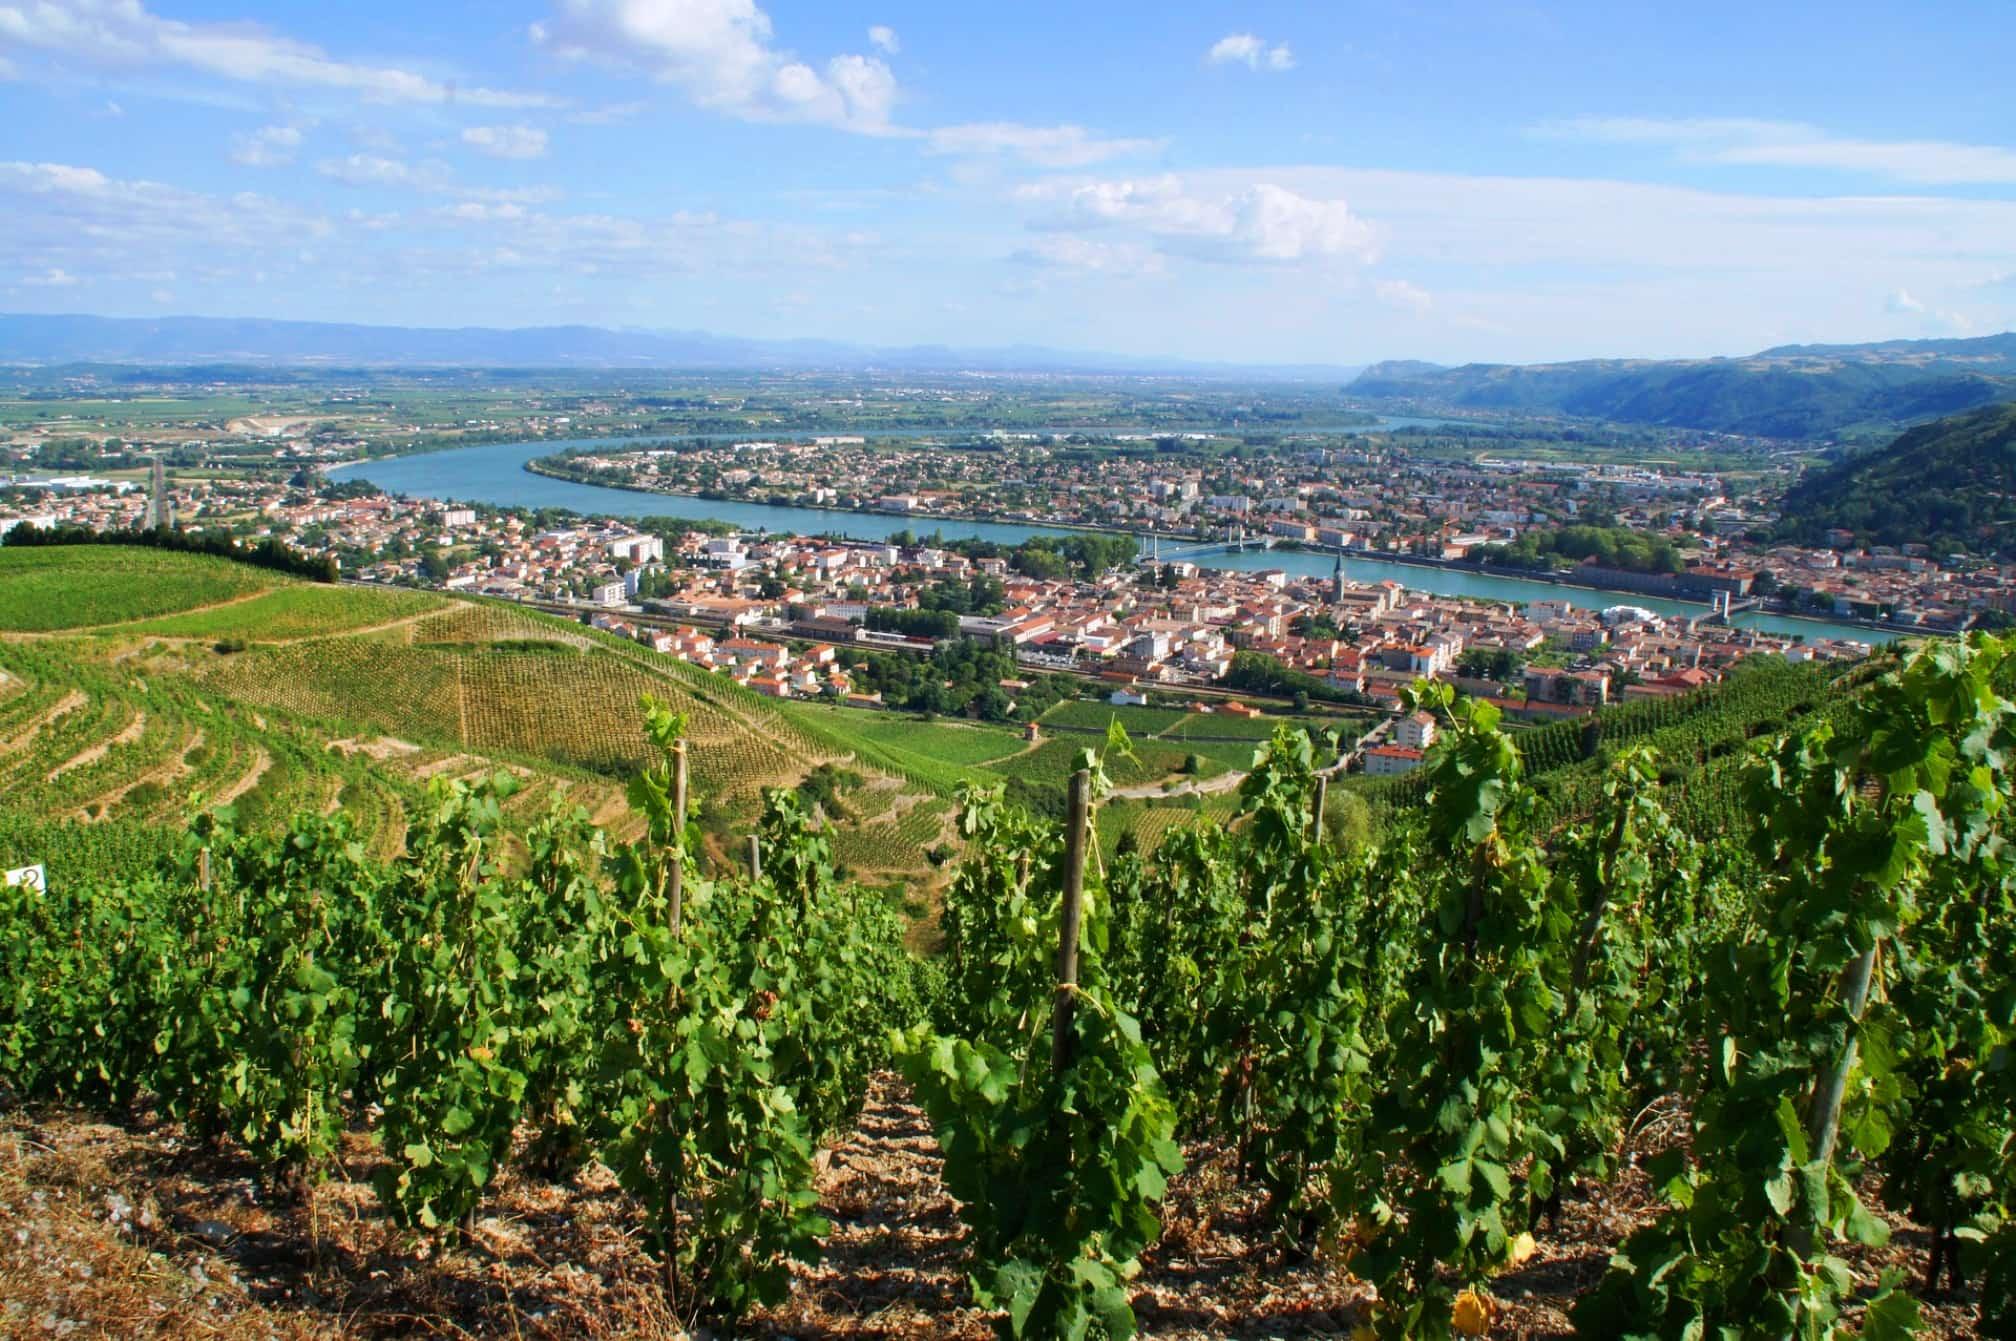 La vallée du Rhône et le village de Tain Tain-l'Hermitage